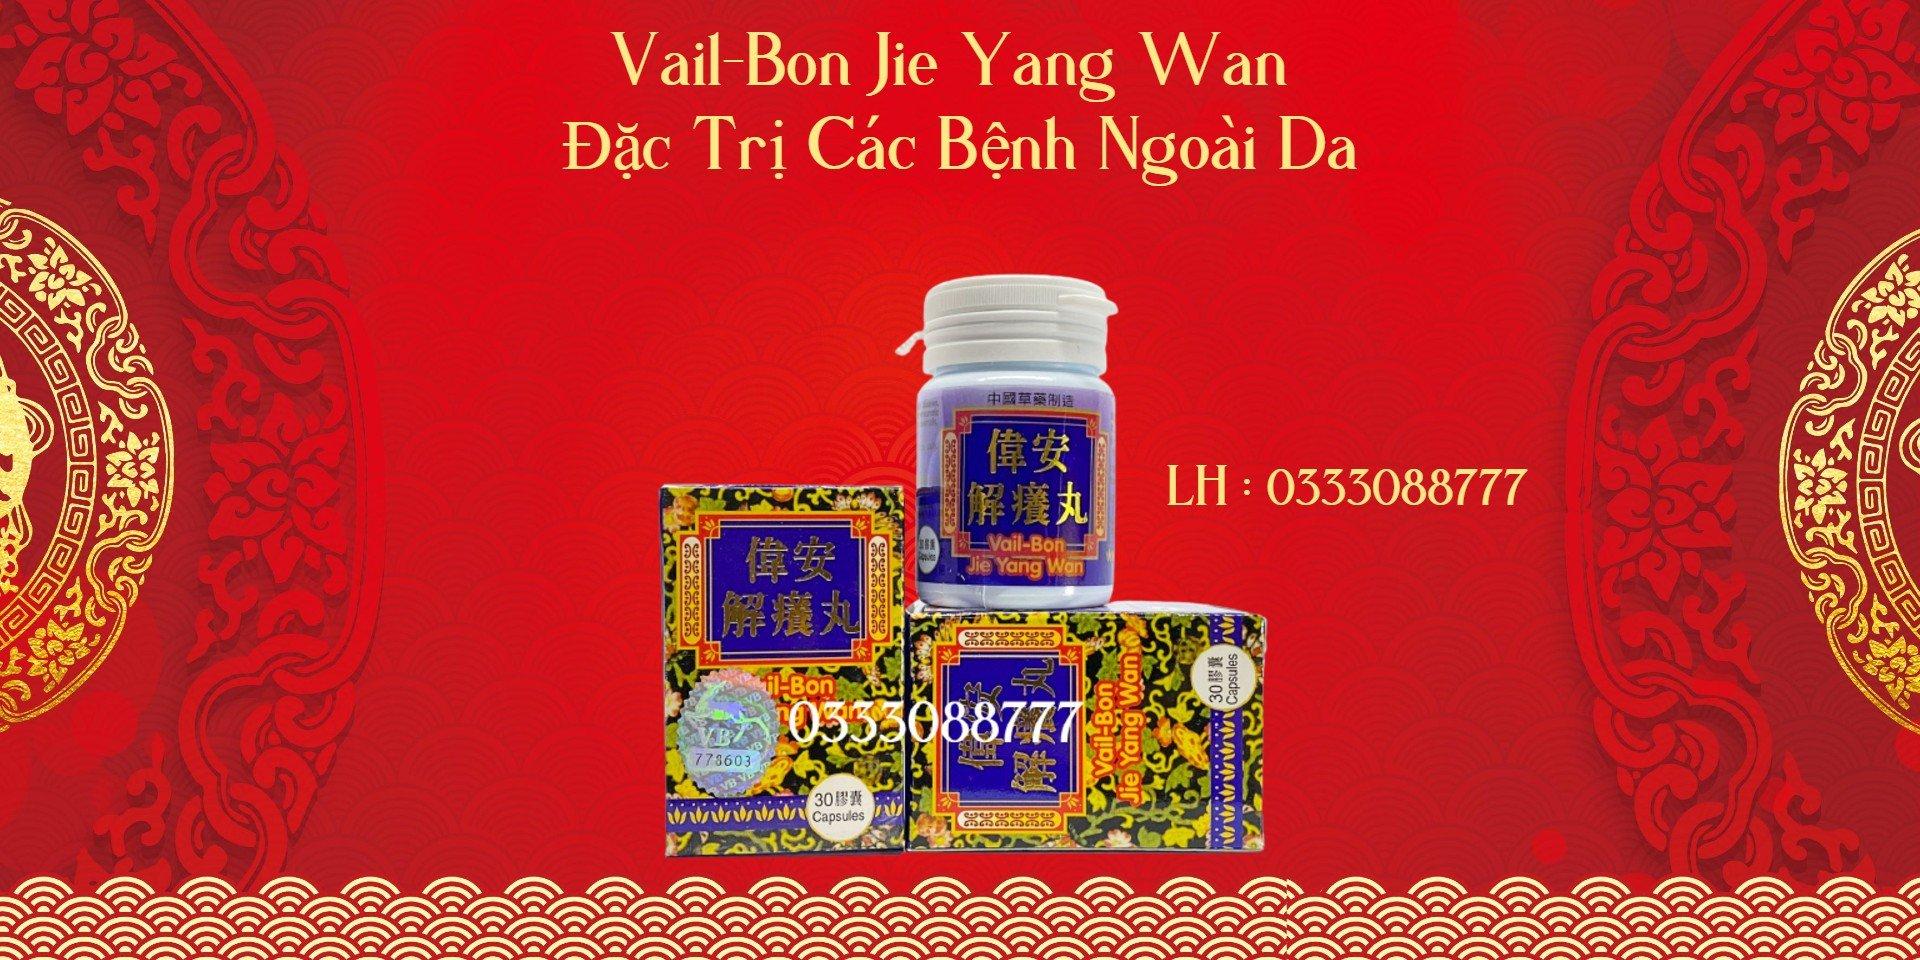 vail-bon-jie-yang-wan